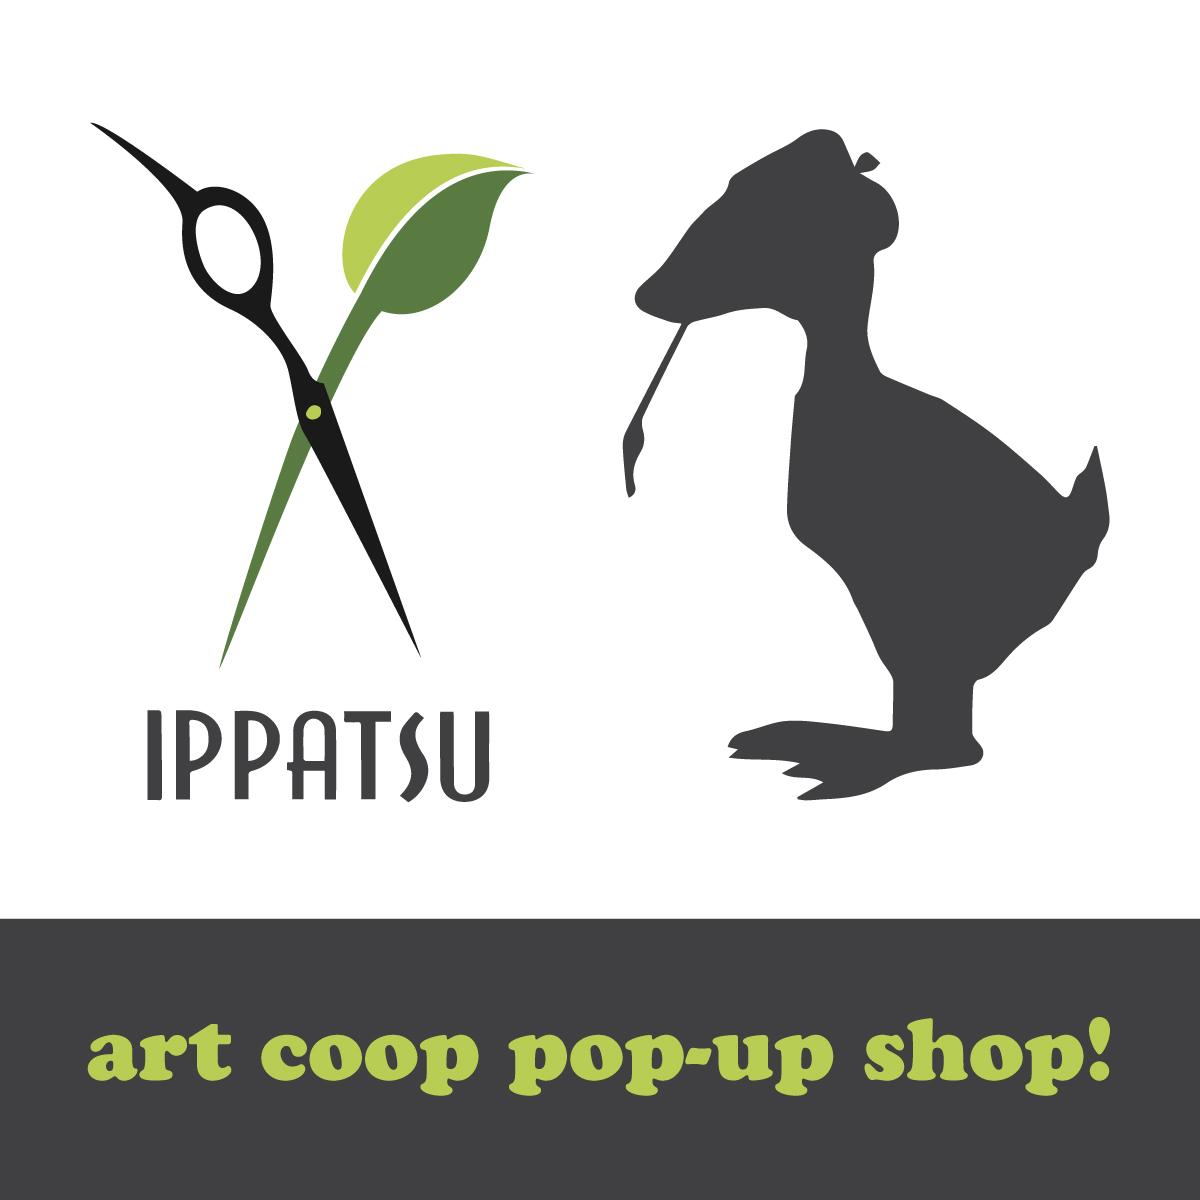 Ippatsu Pop-Up Shop Kit #9